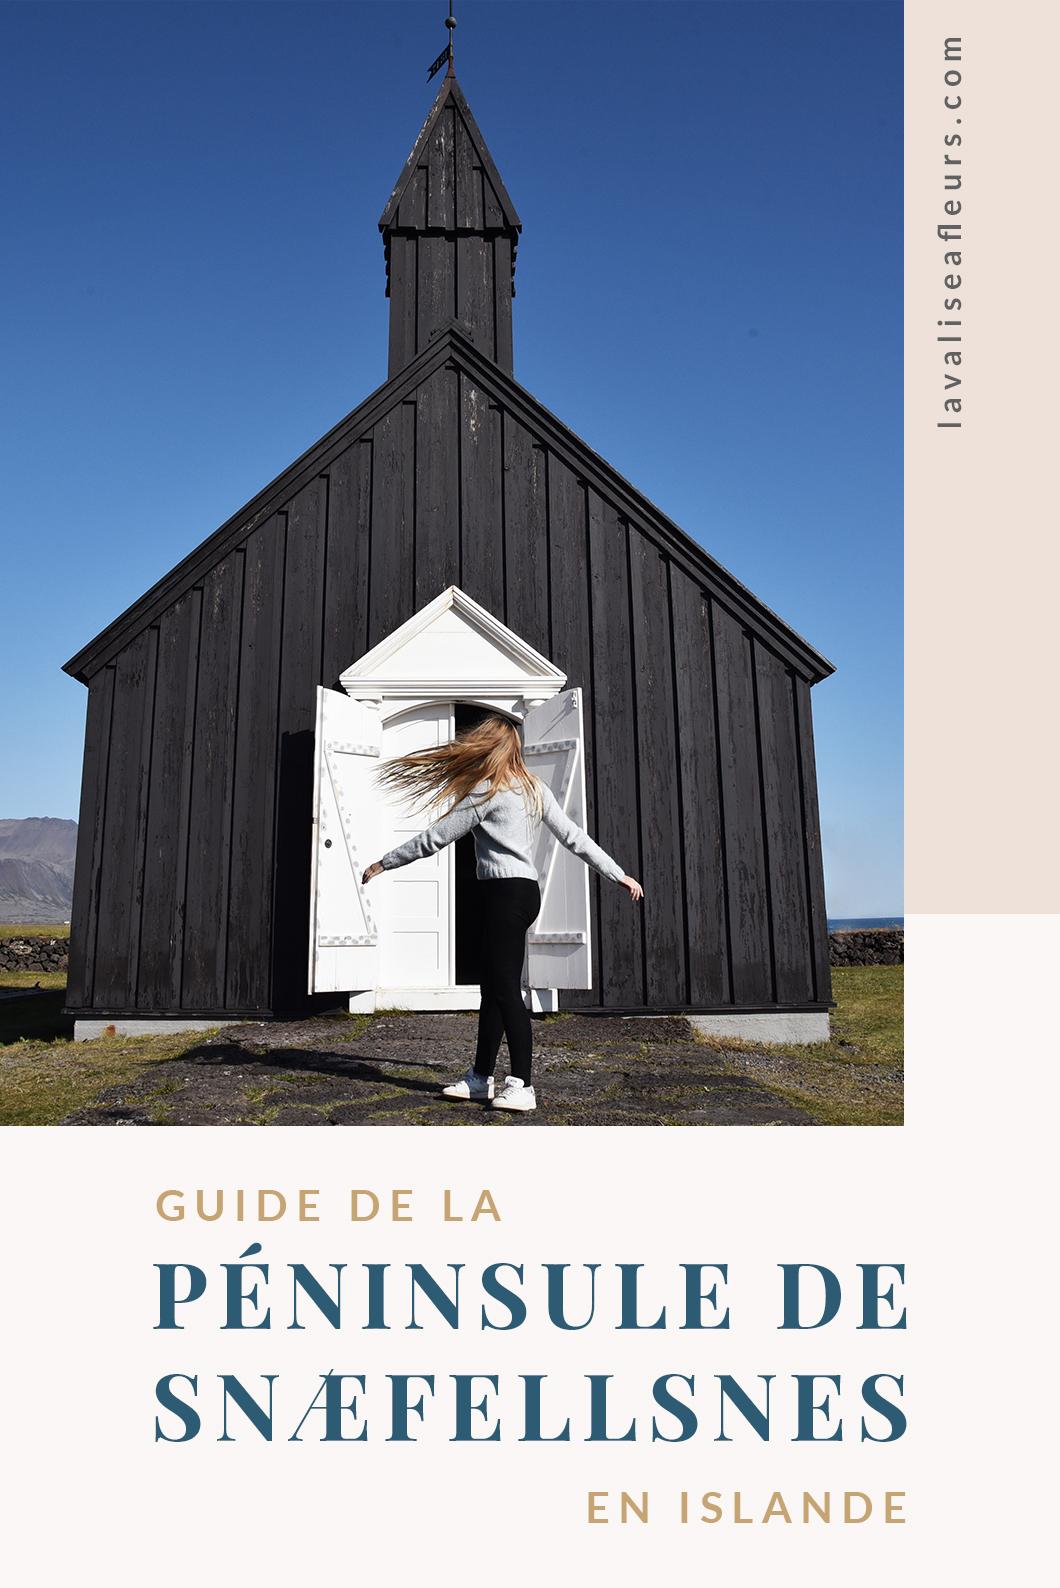 Guide de la Péninsule de Snæfellsnes en Islande